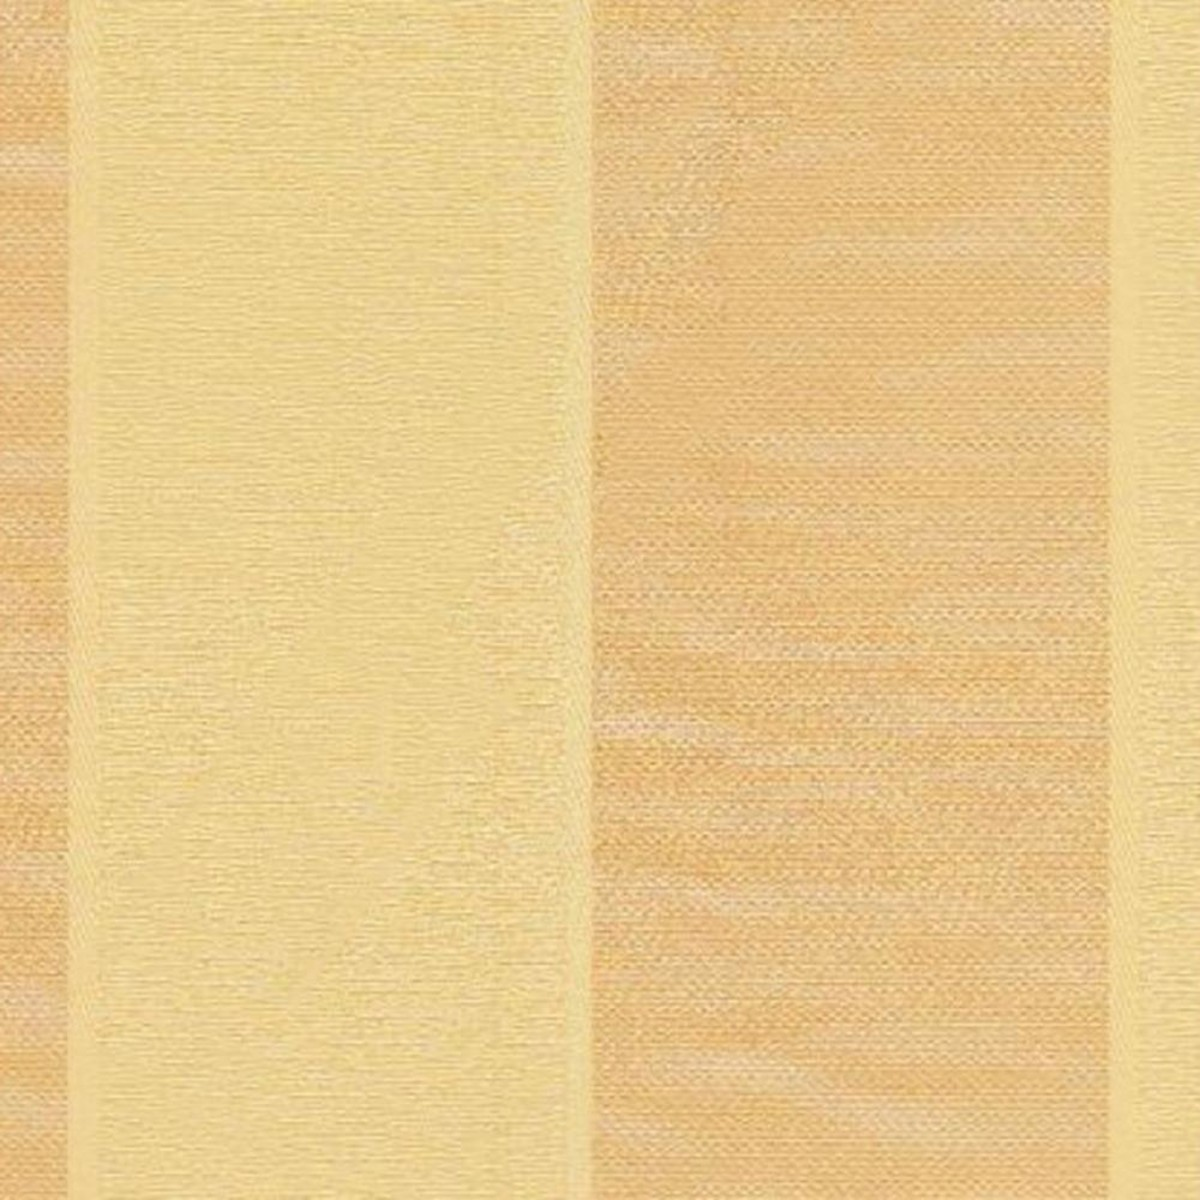 Обои виниловые Limonta Neapolis желтые 0.53 м 90704L